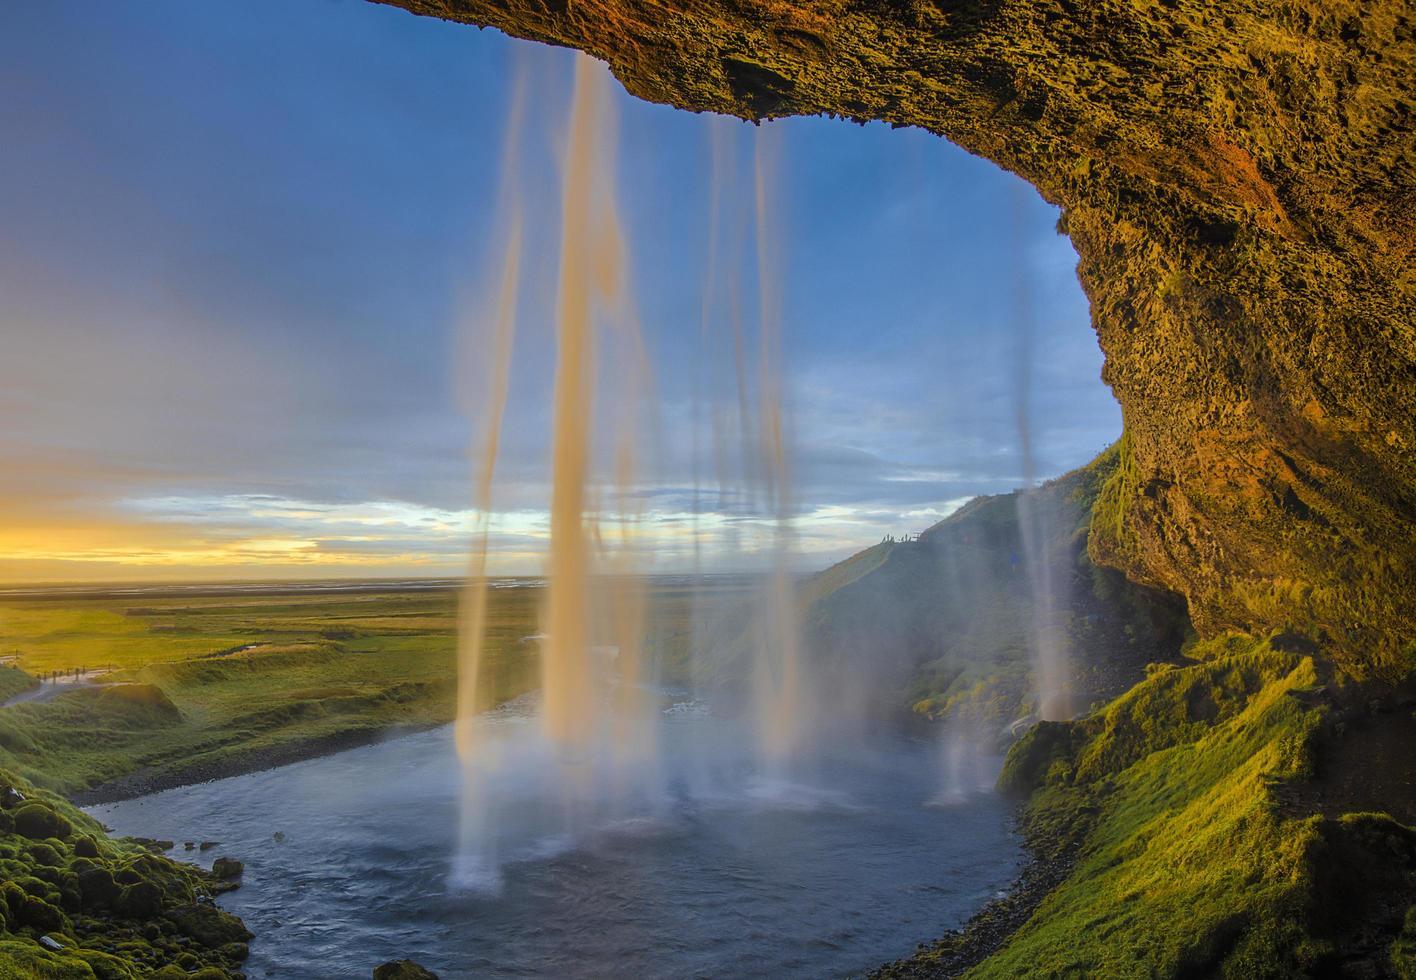 Waterfall at sunset photo